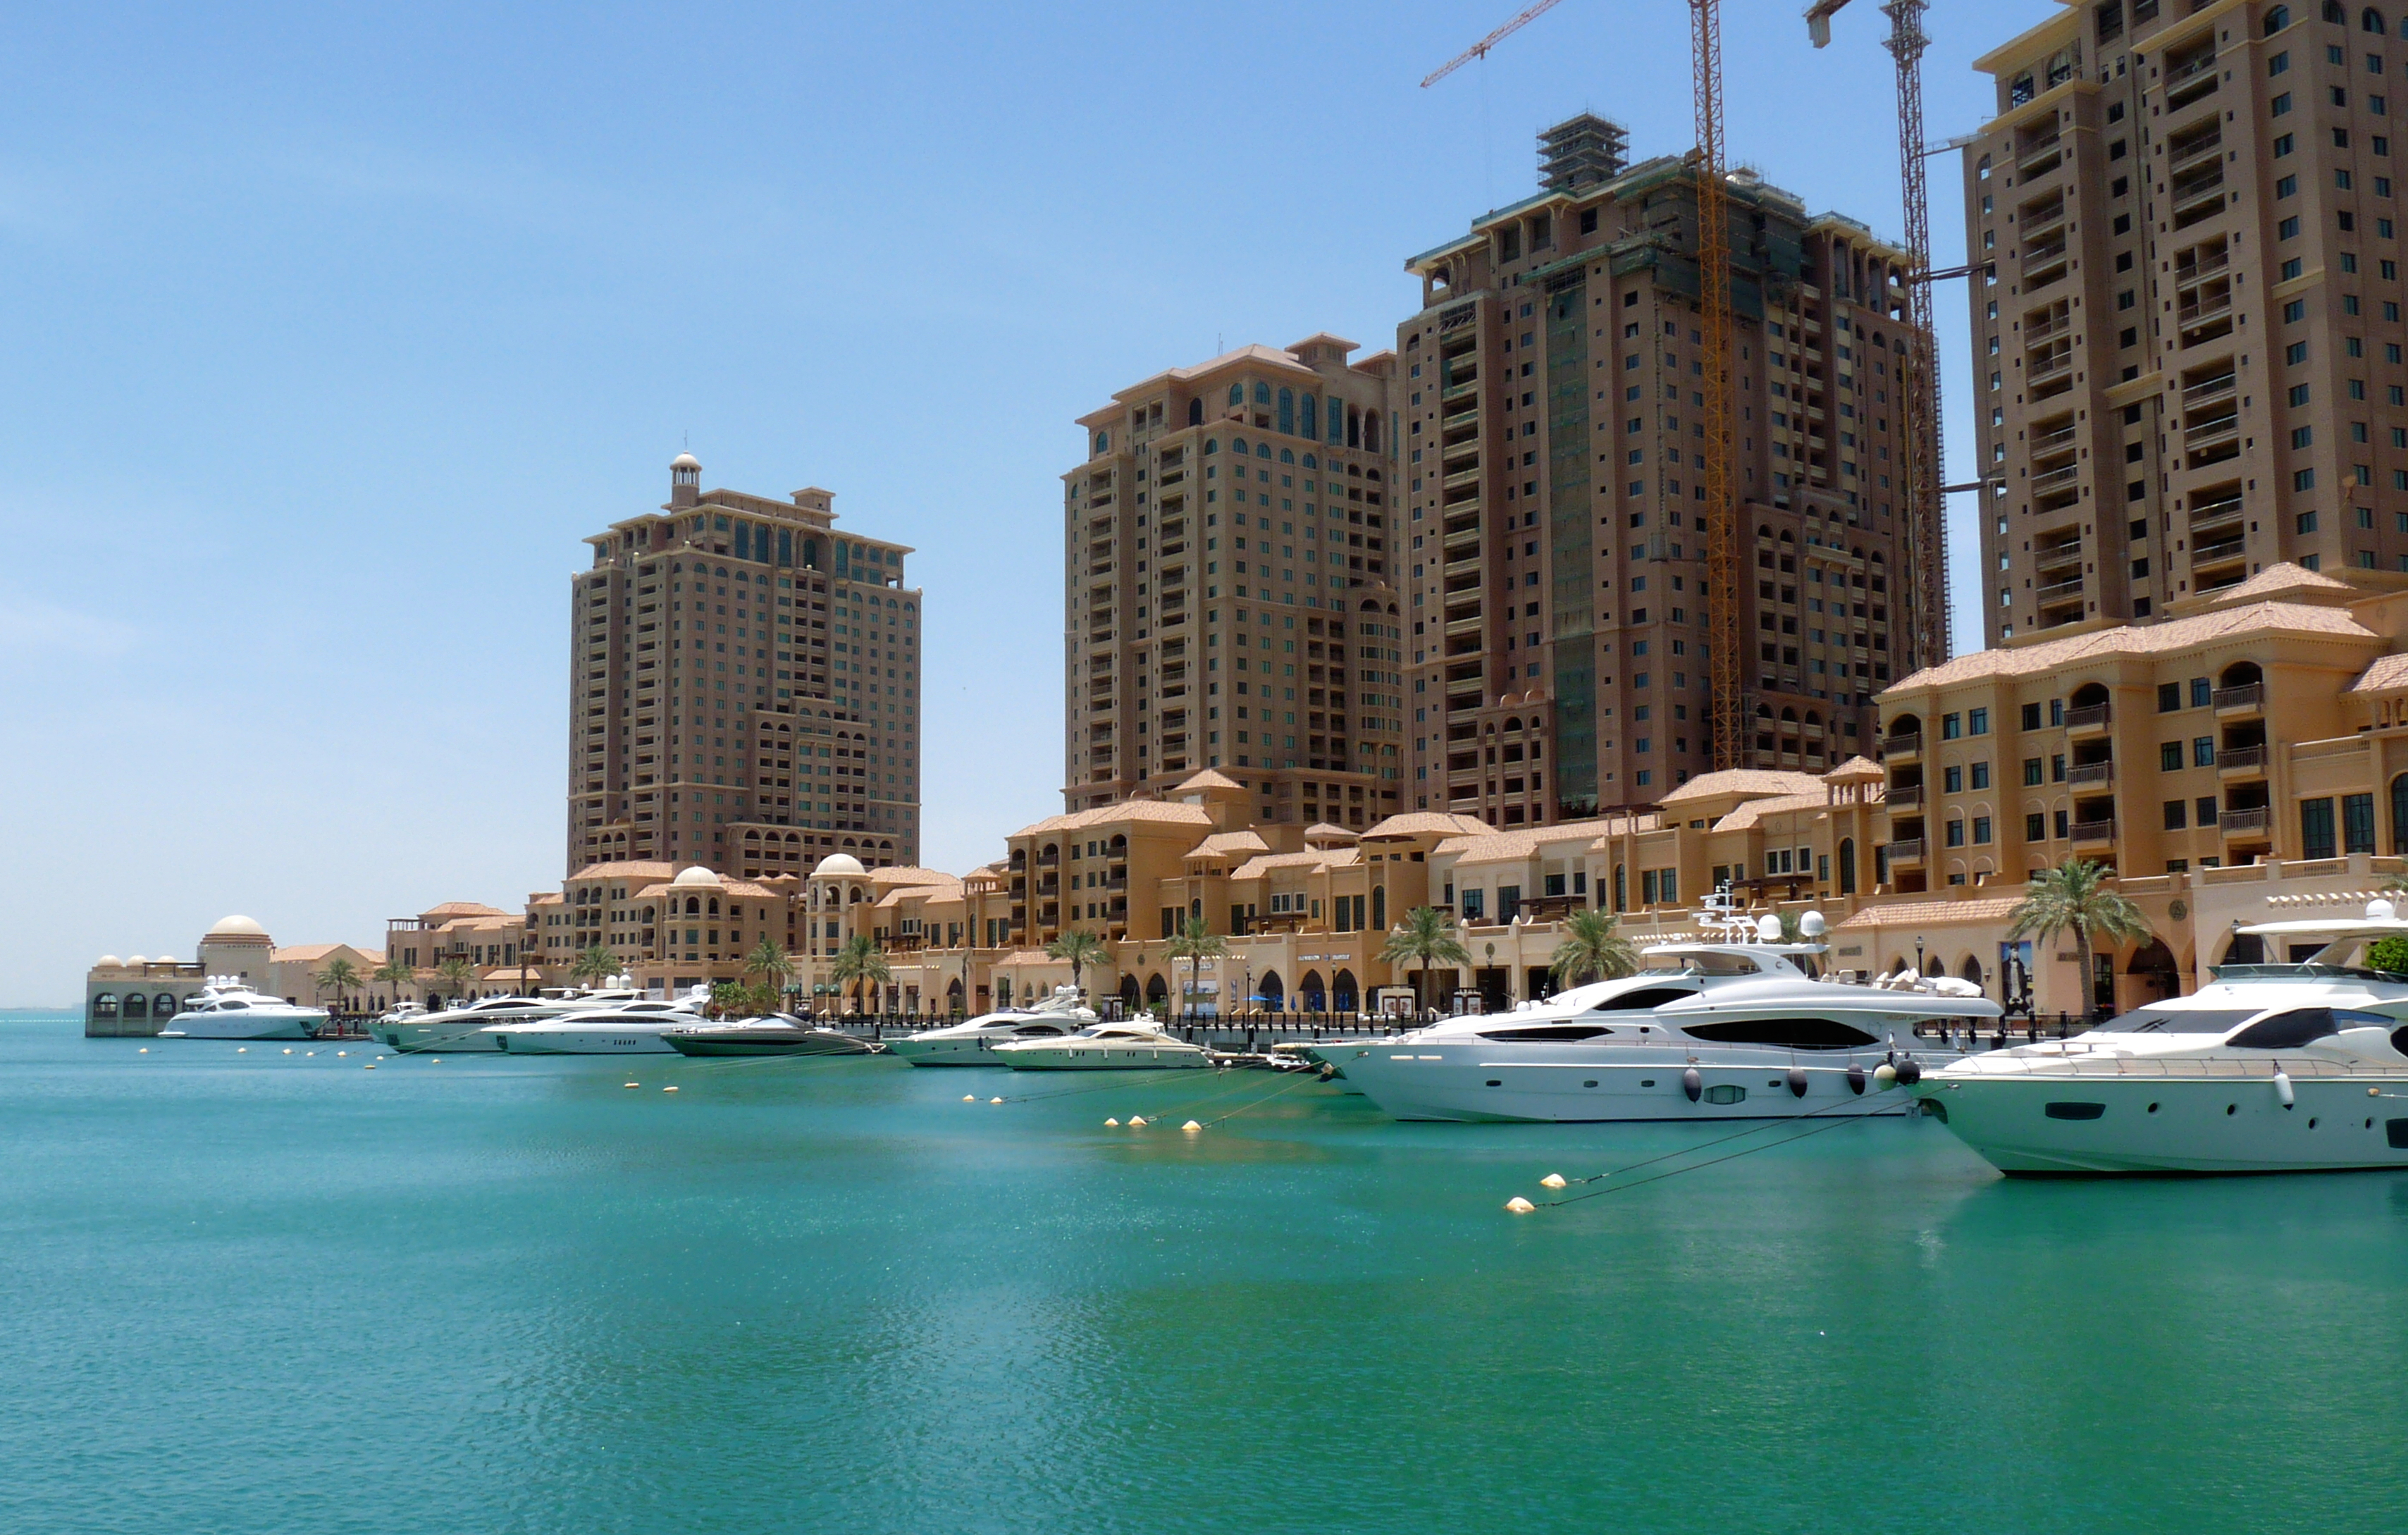 Wealthy Doha, Qatar